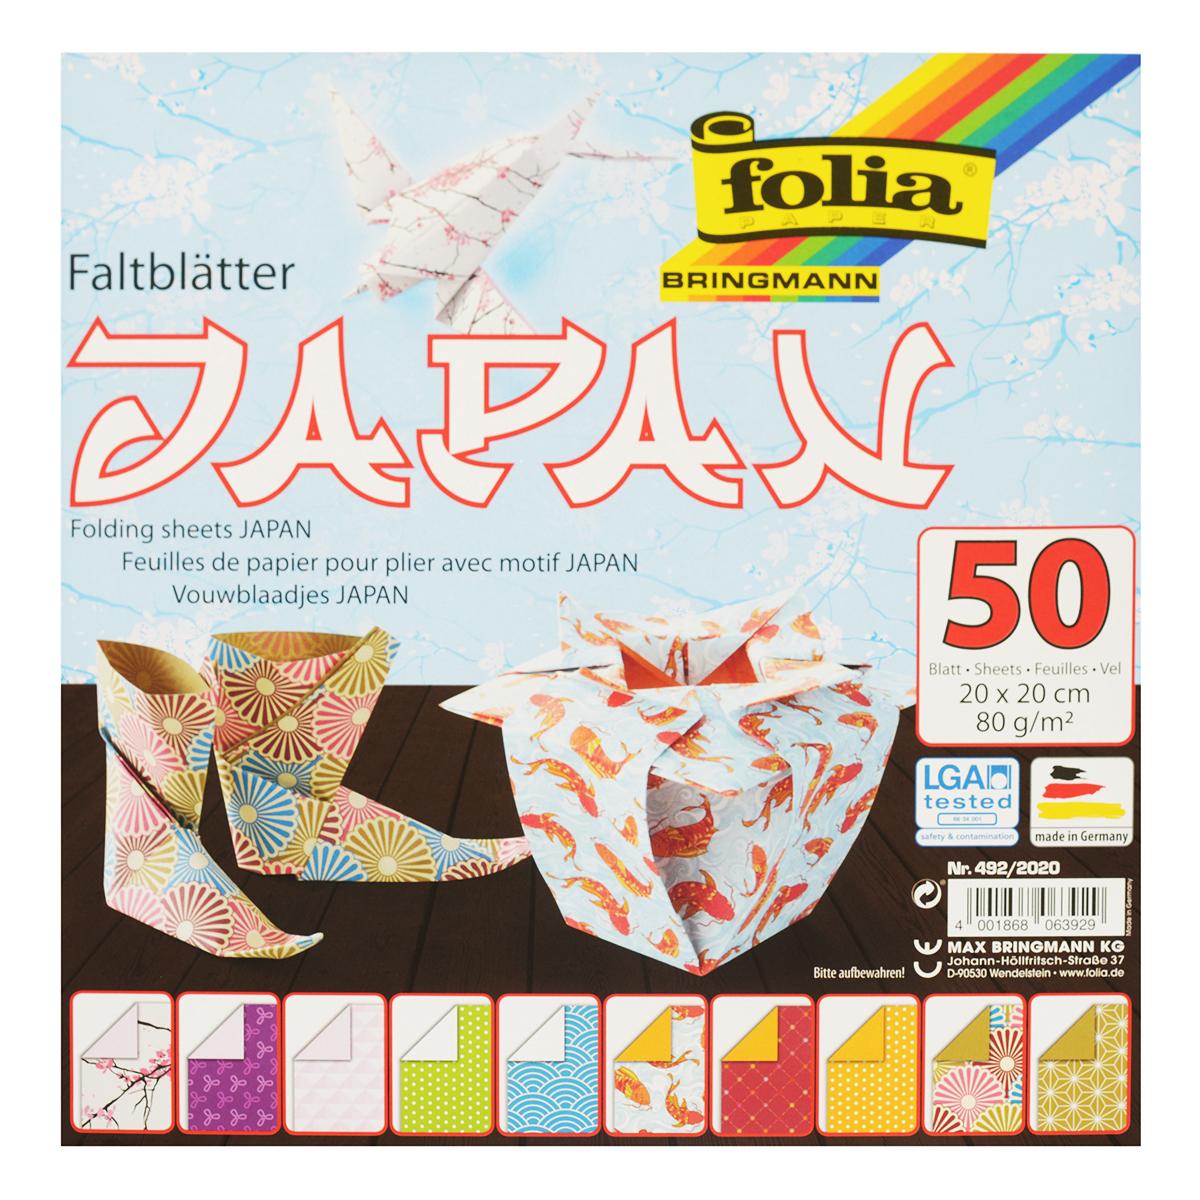 Бумага для оригами Folia Япония, цвет: сиреневый, голубой, желтый, 15 см х 15 см, 50 листов97775318Набор специальной цветной двусторонней бумаги для оригами Folia Япония содержит 50 листов разных цветов, которые помогут вам и вашему ребенку сделать яркие и разнообразные фигурки. В набор входит бумага десяти разных дизайнов. С одной стороны - бумага однотонная, с другой - оформлена оригинальными узорами и орнаментами. Эти листы можно использовать для оригами, украшения для садового подсвечника или для создания новогодних звезд. При многоразовом сгибании листа на бумаге не появляются трещины, так как она обладает очень высоким качеством. Бумага хорошо комбинируется с цветным картоном.За свою многовековую историю оригами прошло путь от храмовых обрядов до искусства, дарящего радость и красоту миллионам людей во всем мире. Складывание и художественное оформление фигурок оригами интересно заполнят свободное время, доставят огромное удовольствие, радость и взрослым и детям. Увлекательные занятия оригами развивают мелкую моторику рук, воображение, мышление, воспитывают волевые качества и совершенствуют художественный вкус ребенка.Плотность бумаги: 80 г/м2.Размер листа: 15 см х 15 см.